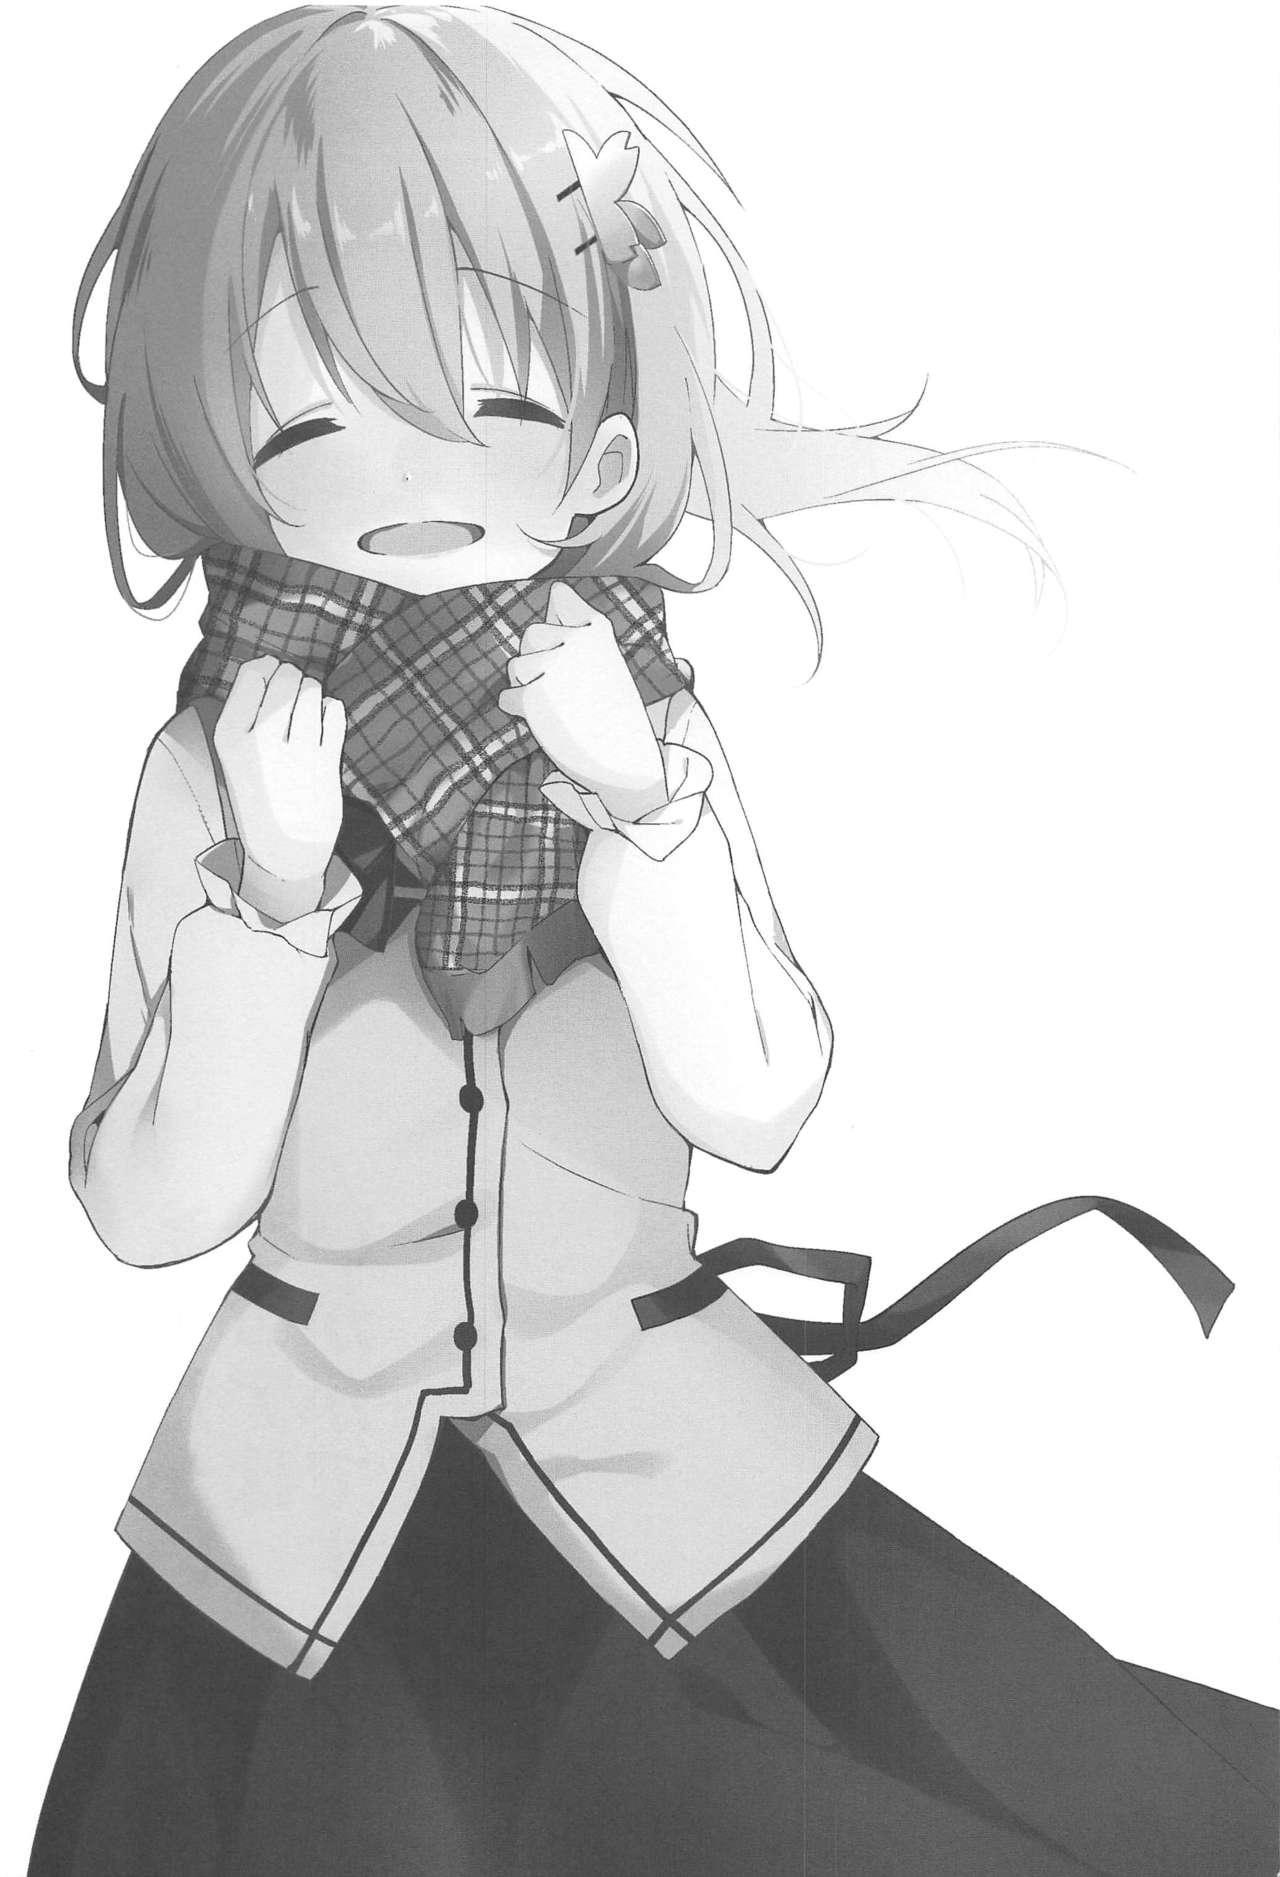 Attakai Kokoa wa Ikaga desu ka? - How about warm cocoa? 1